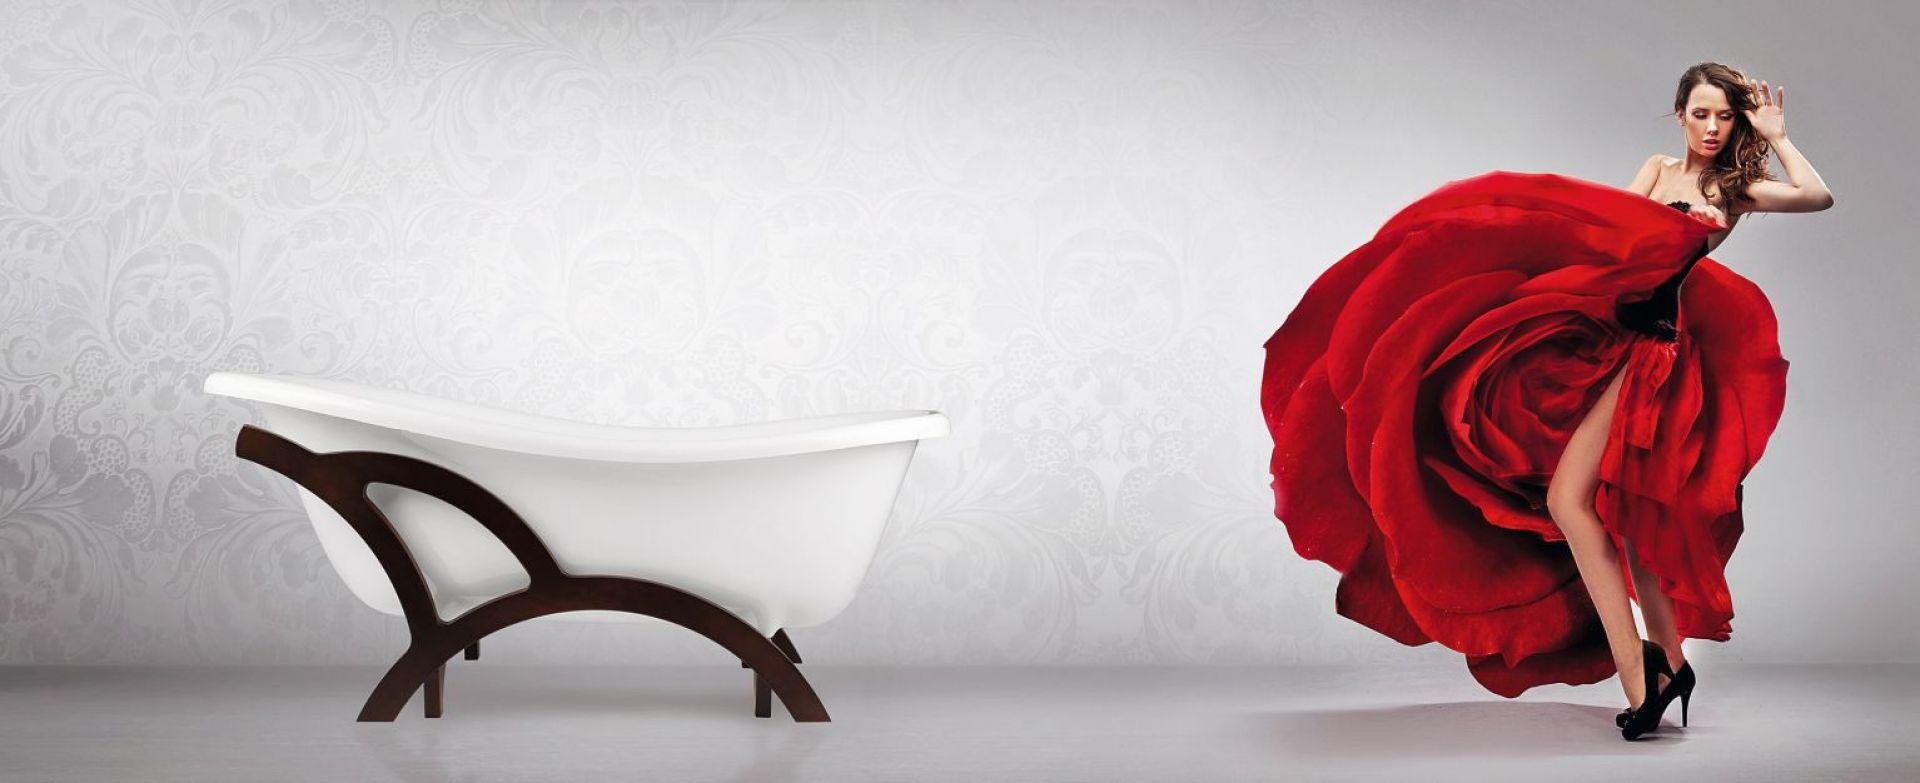 Wykonana z kompozytu sanitarnego wanna Otylia o klasycznym kształcie zyskuje dynamiczny charakter dzięki asymetrycznej drewnianej ramie. Fot. Besco